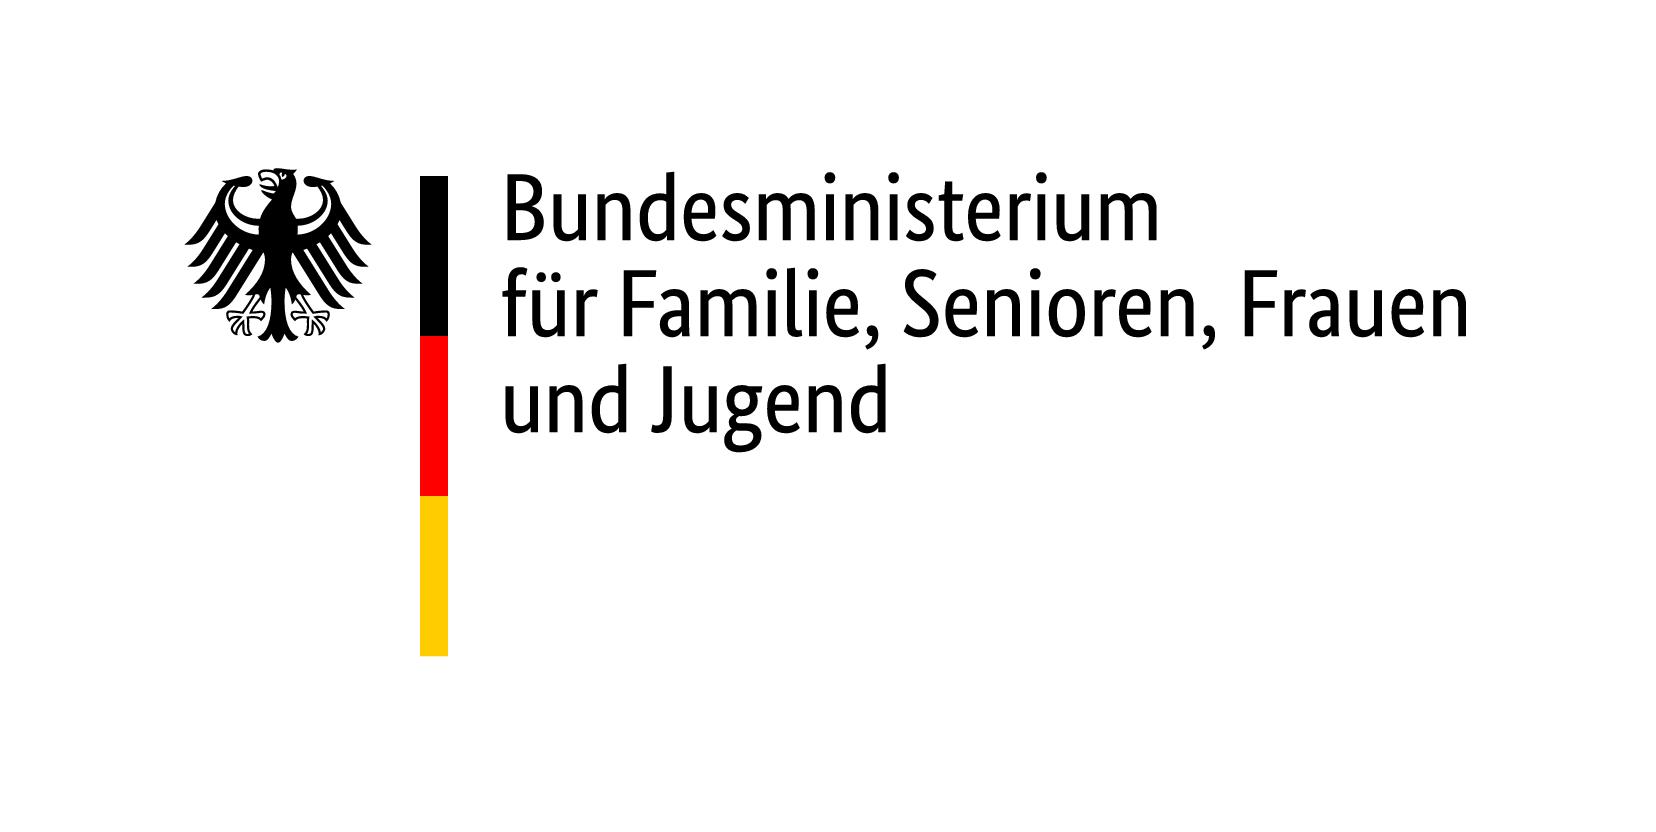 Logo Bundesministerium für Familien, Senioren, Frauen und Jugend